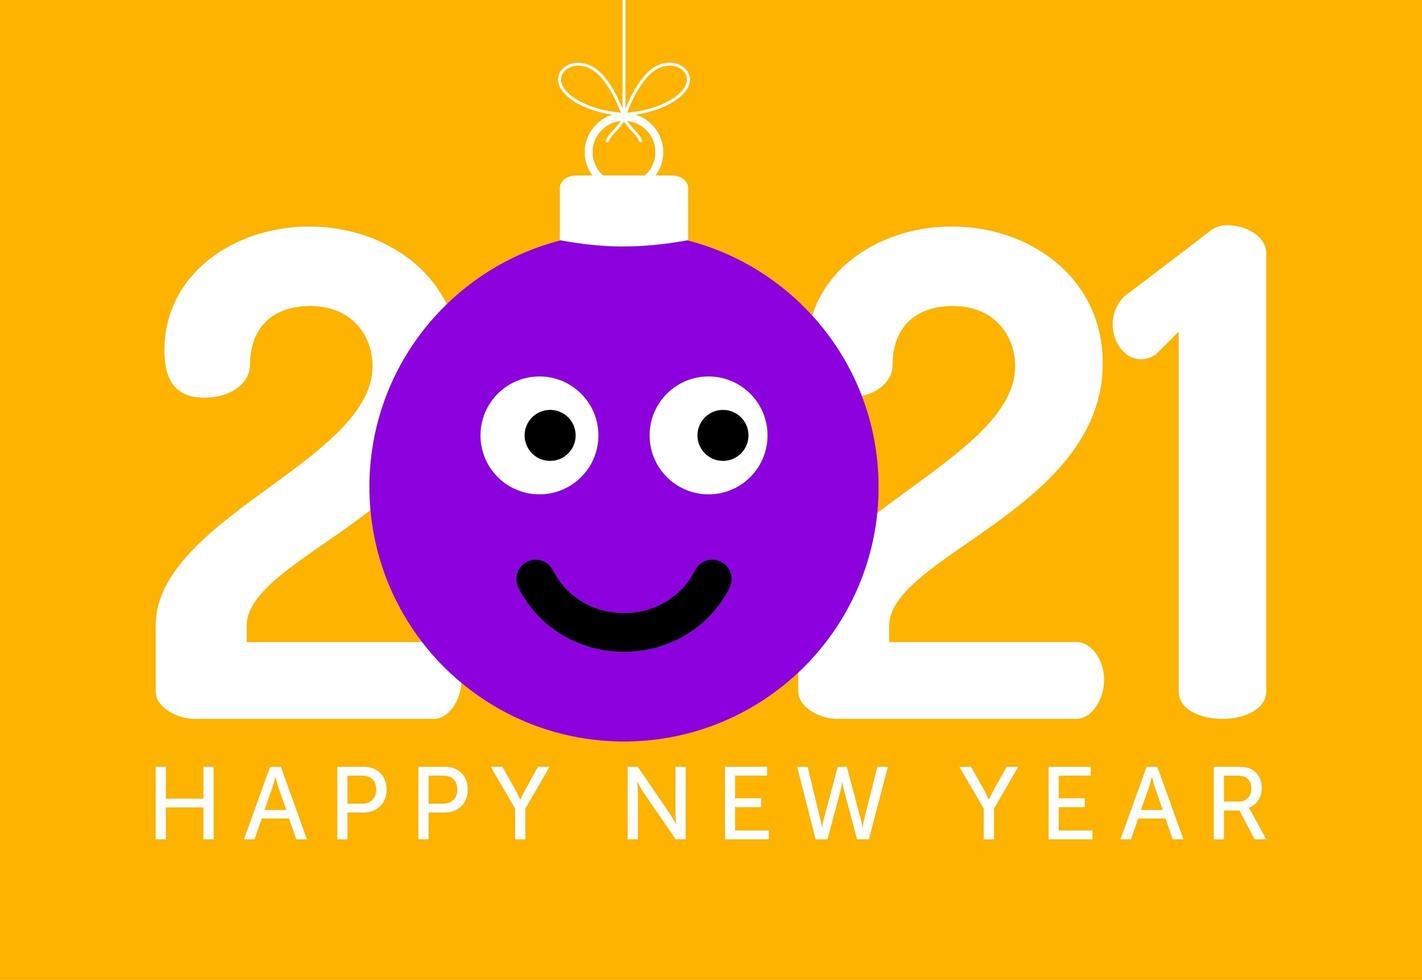 Saluto del nuovo anno 2021 con l'ornamento del viso sorridente di emoji vettore